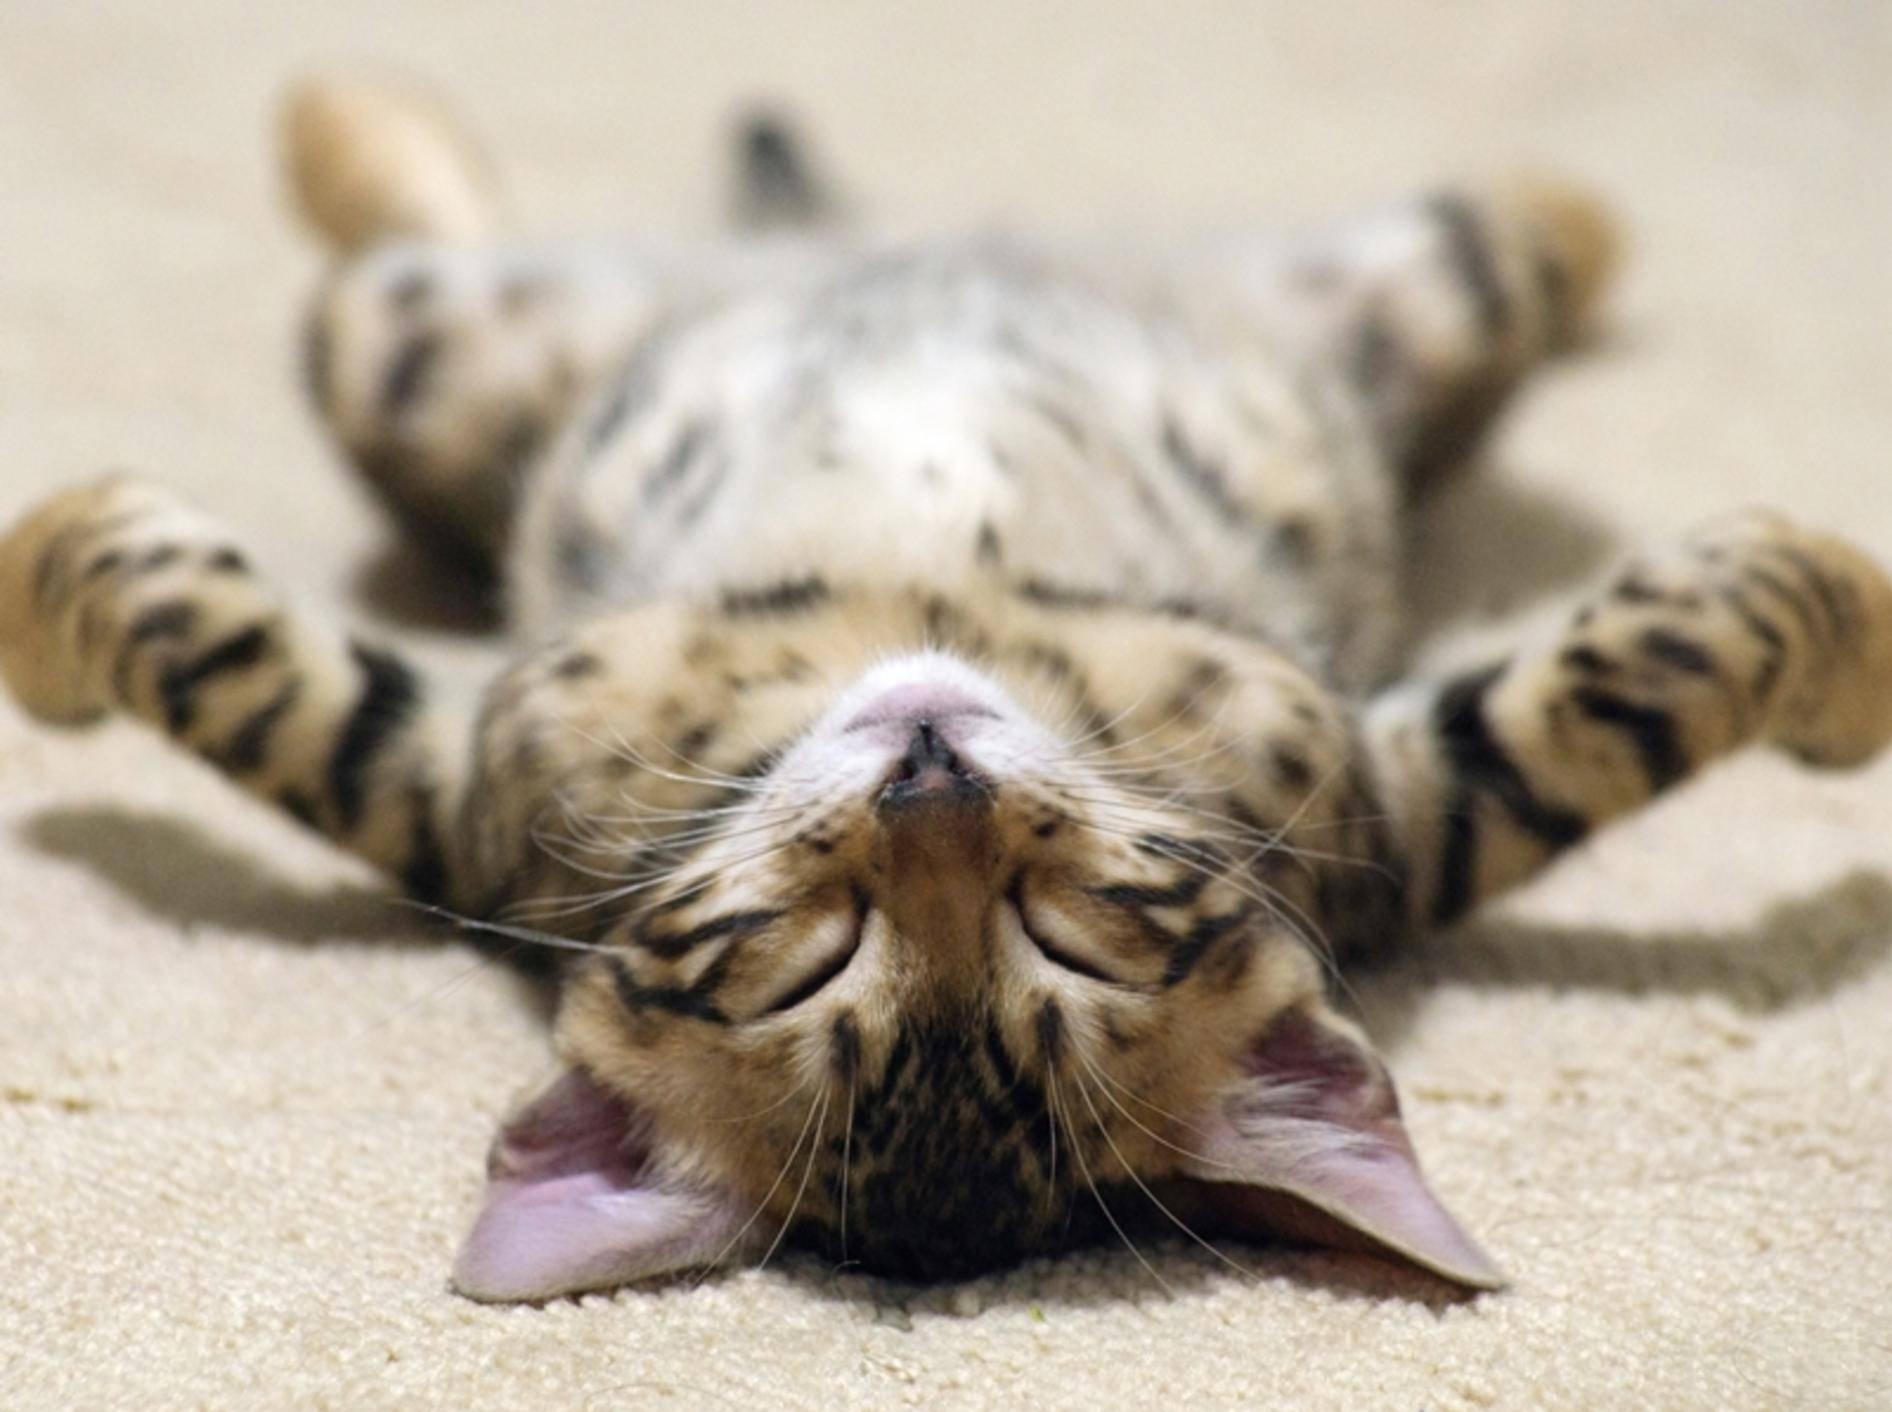 Katzenbaby Nr. 1 beweist: Auf dem Rücken schlafen ist sooo gemütlich - Bild: Shutterstock / Pakhnyushchy